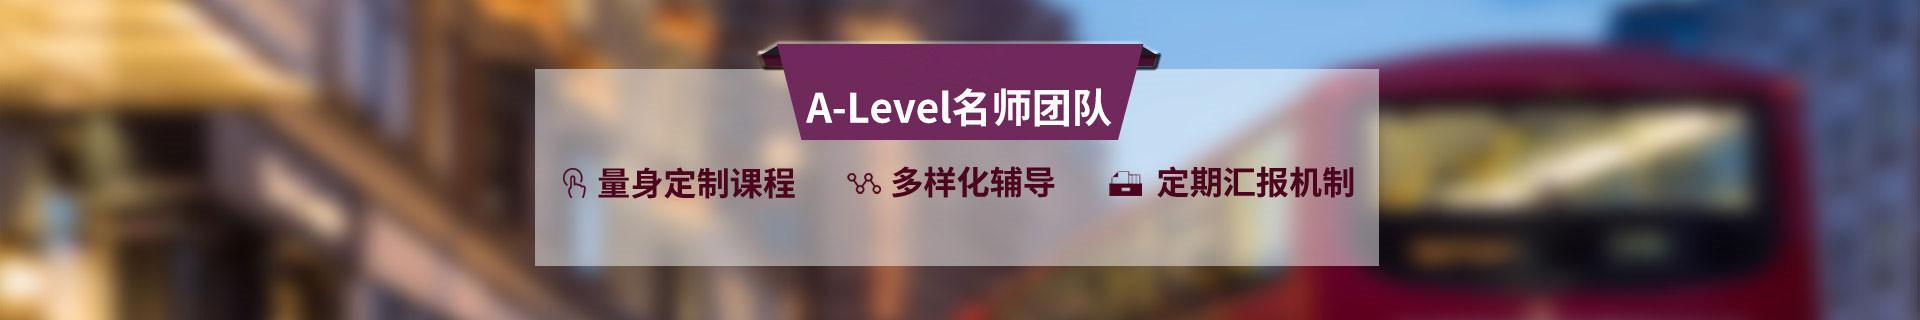 上海青浦环球教育培训机构